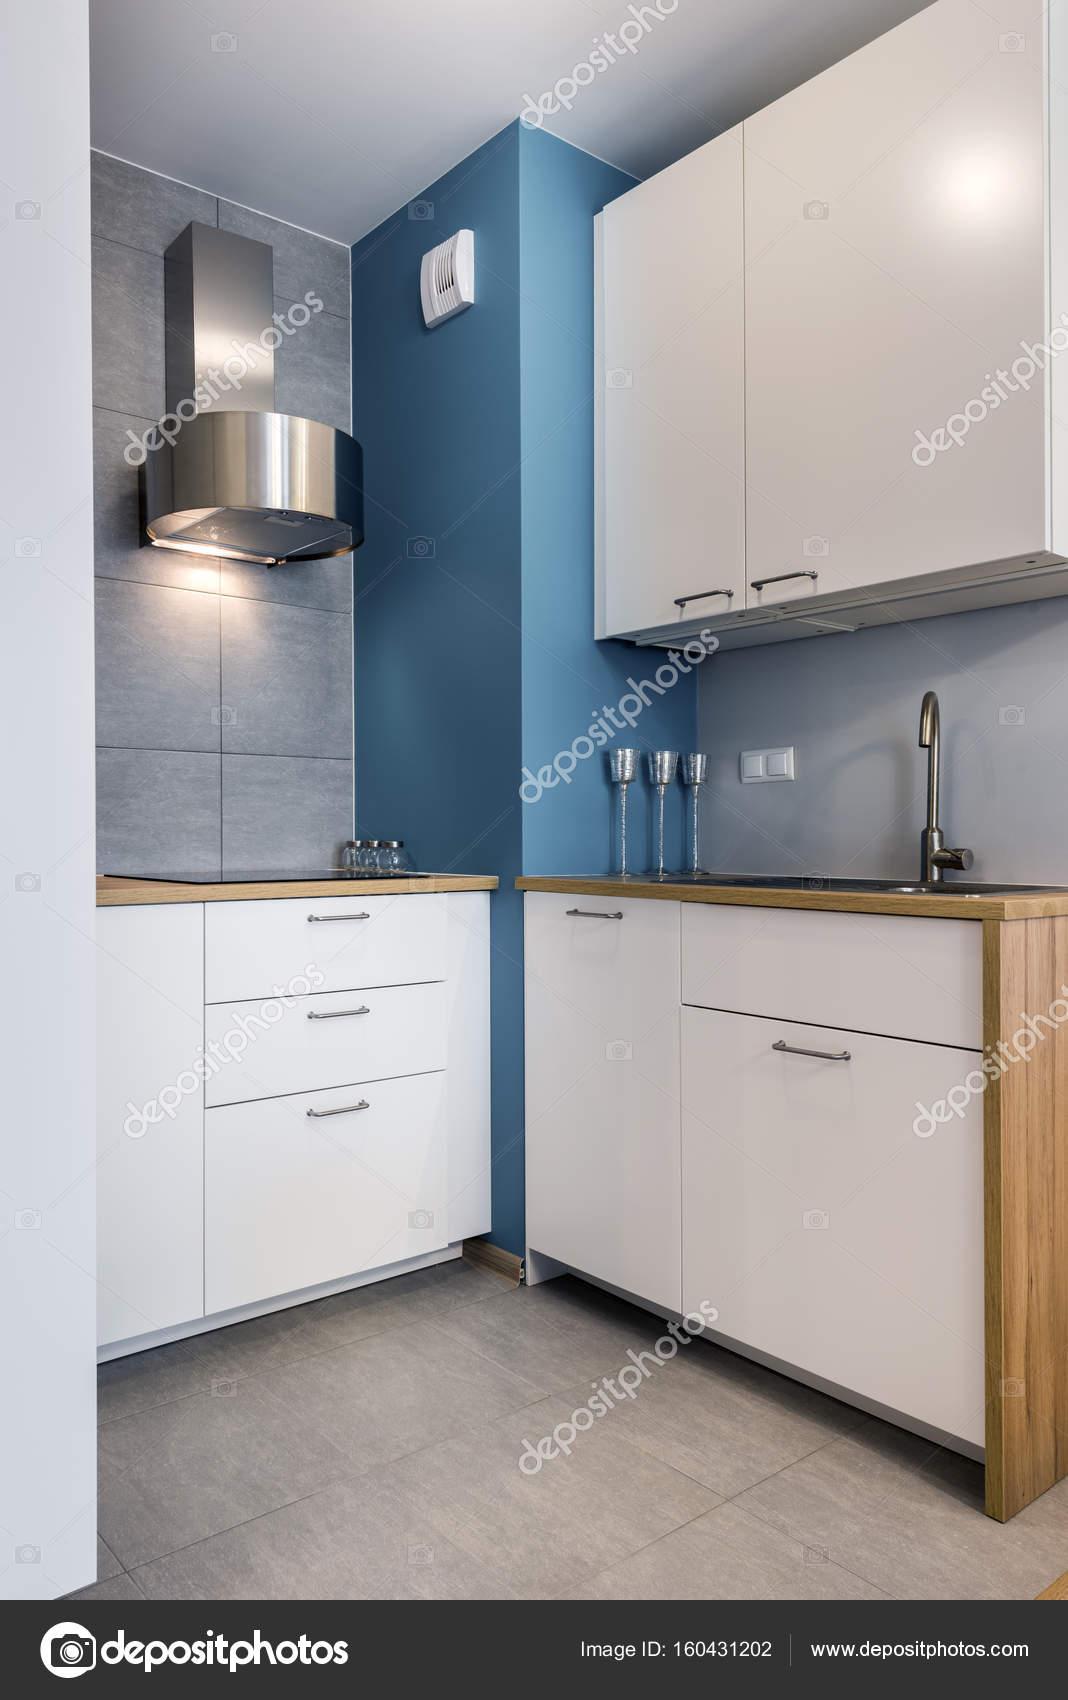 Nowoczesny Wystrój Wnętrz Kuchnia Zdjęcie Stockowe